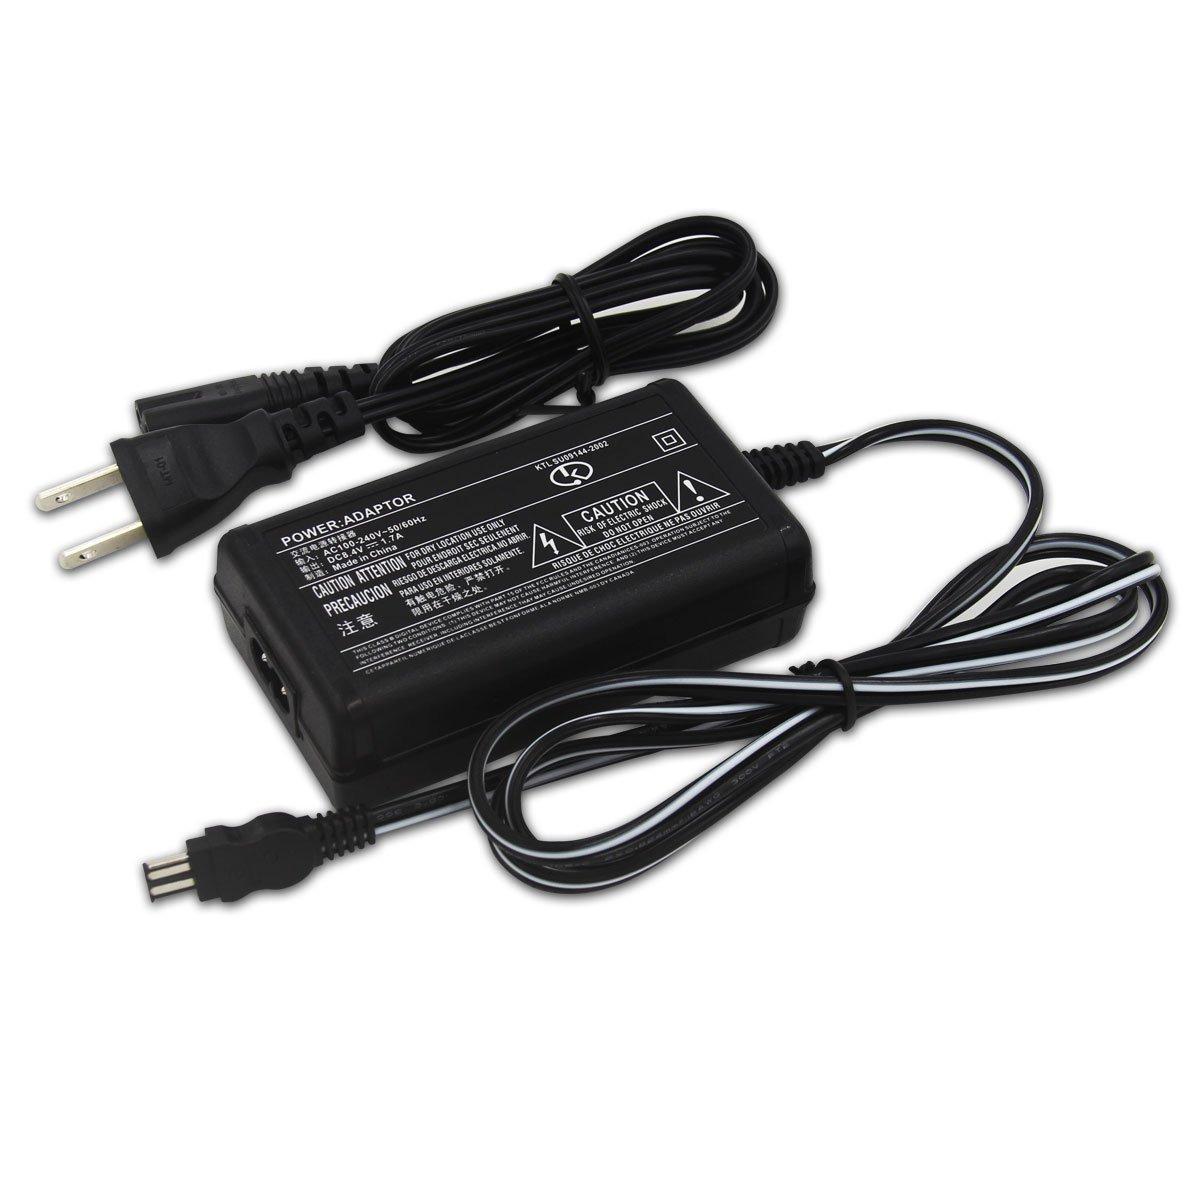 Cargador cable de alimentación para Sony dcr-trv130